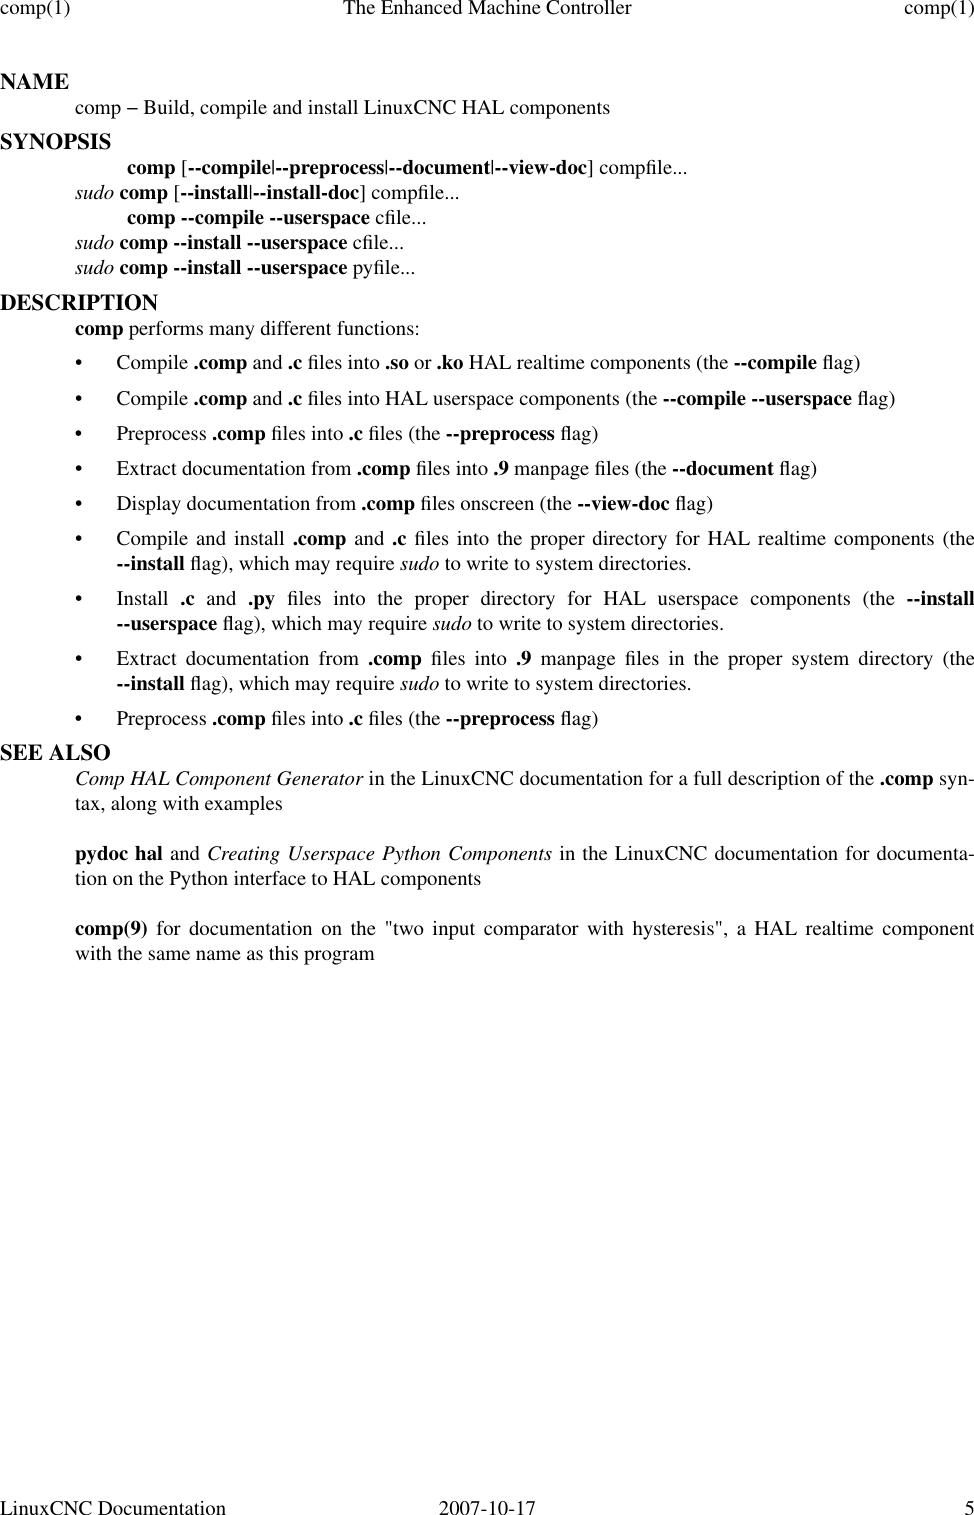 Linux CNC Manual Pages